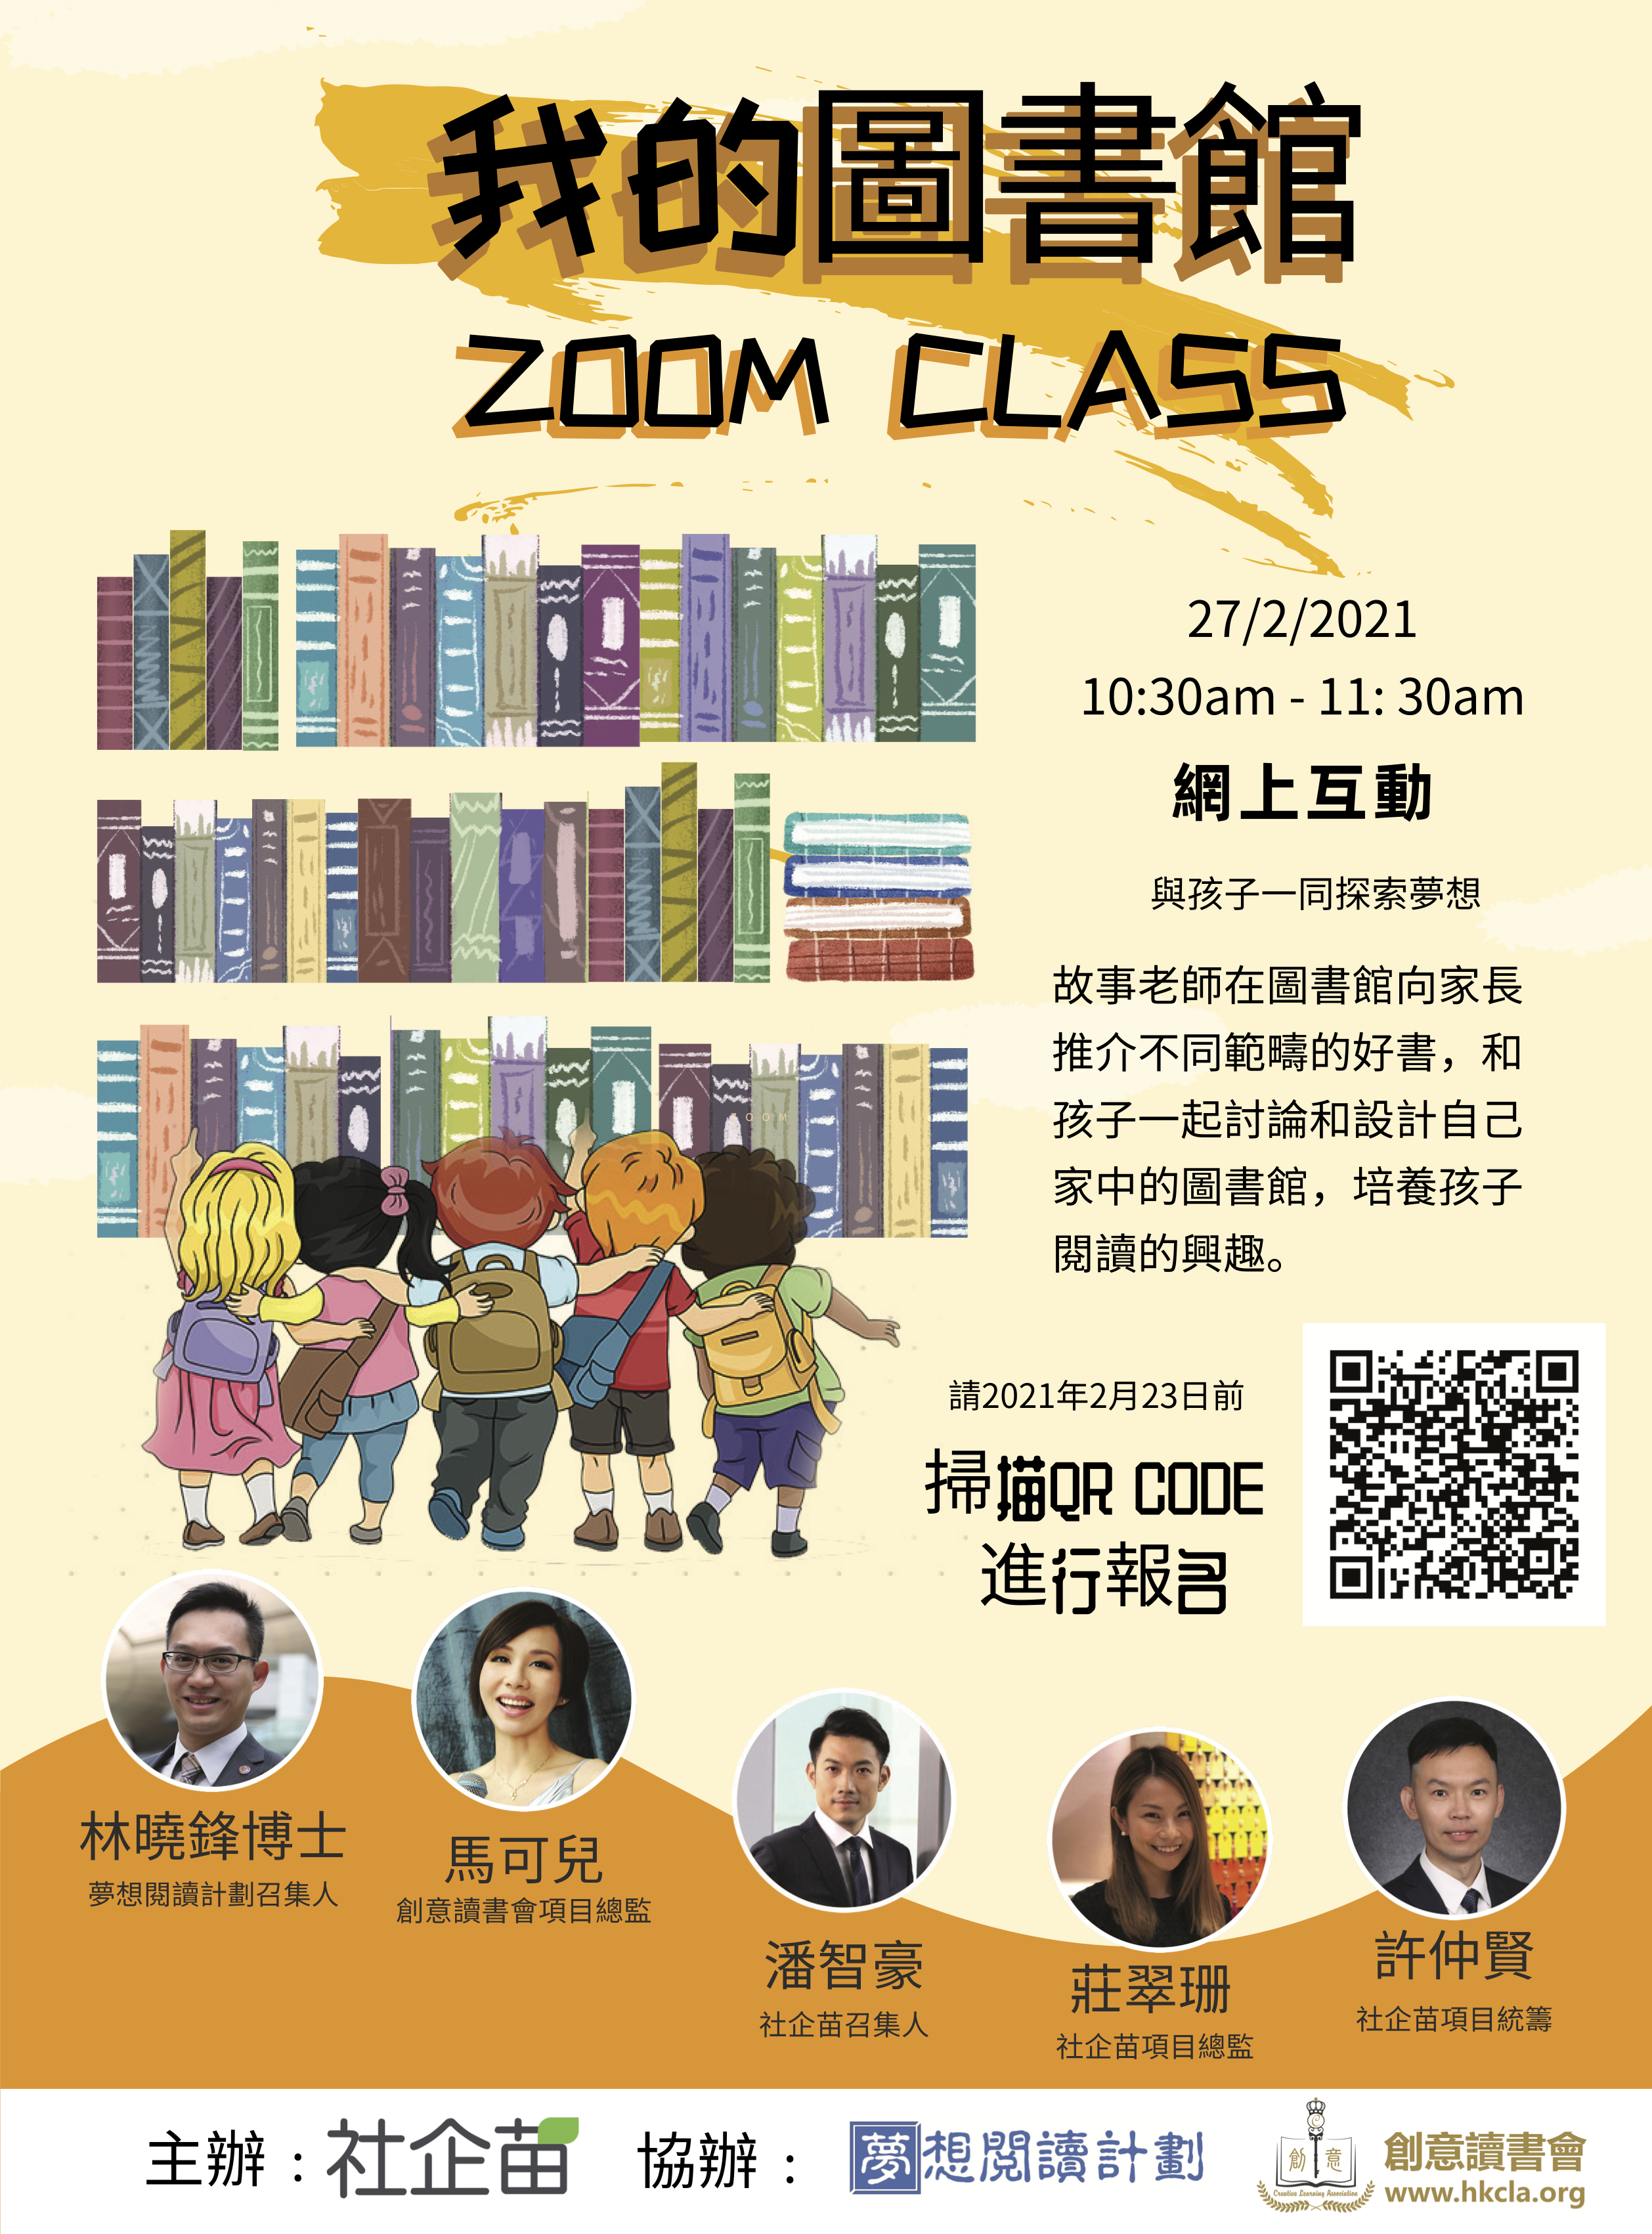 2020-2021年度閱讀延伸活動─「我的圖書館」Zoom Class